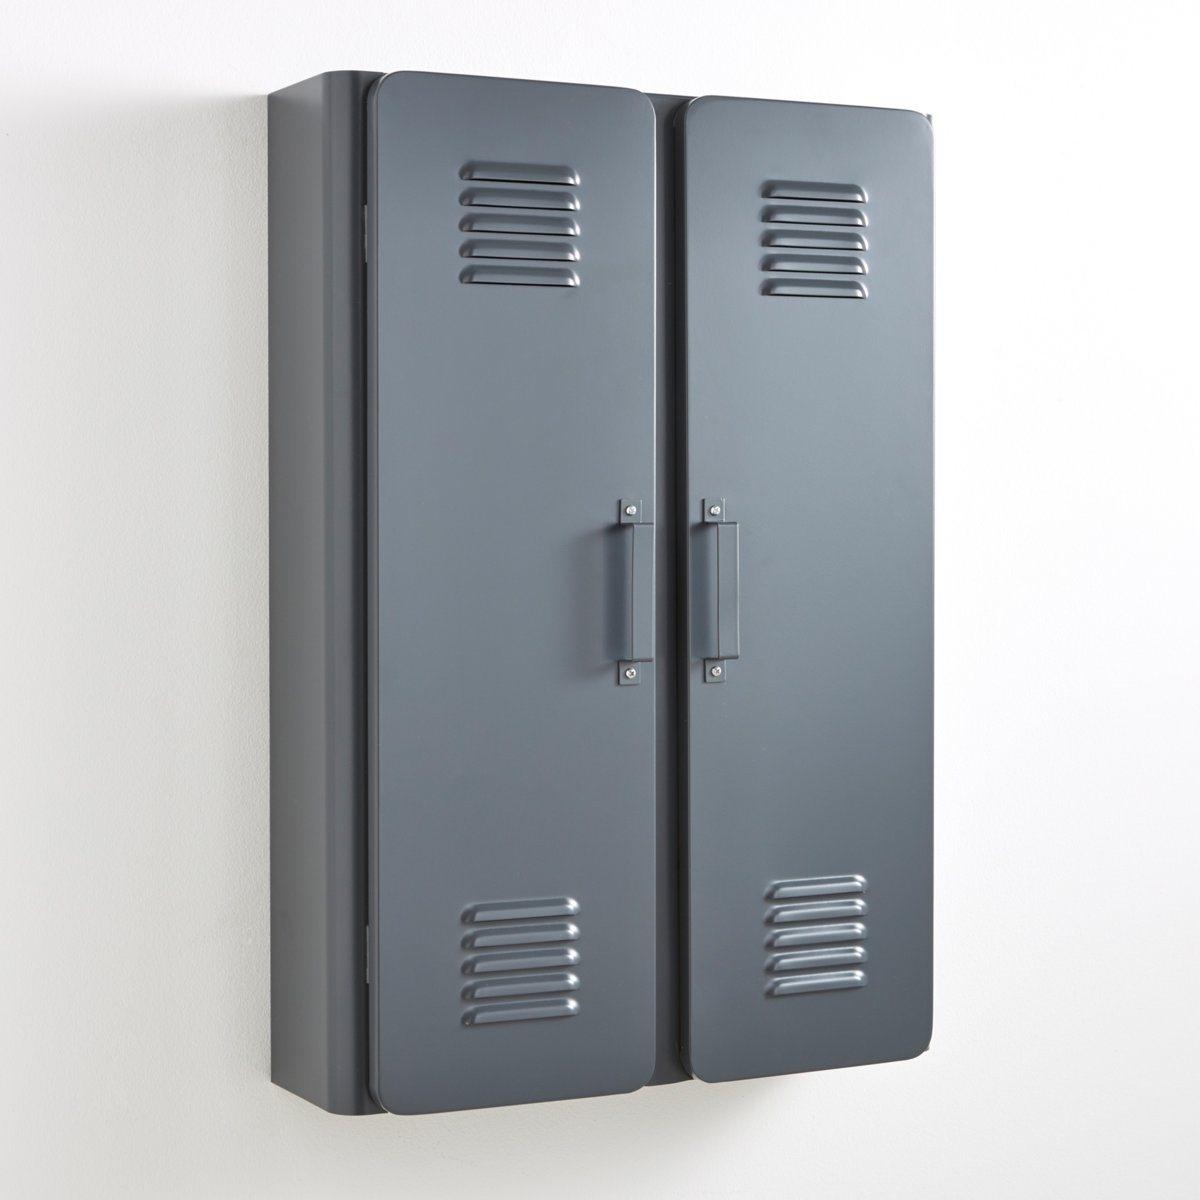 Шкаф для ванной,  HibaЭтот маленький металлический шкаф Hiba, выполнен в индустриальном стиле . Прекрасное дополнение к основной мебели, этот шкаф будет полезен в ванной, прихожей, детской или даже в рабочем кабинете .Описание маленького шкафа Hiba :2 дверцы с декоративными щелями .2 внутренние полки .Характеристики маленького шкафа Hiba :Из металла с эпоксидным покрытием .Металлические ручки .Найдите всю коллекцию Hiba на нашем сайте ..Размеры маленького шкафа Hiba :Общие :Длина : 45 см Высота : 65 смГлубина : 14 смВнутри :Длина : 38 смВысота : 19,7 смГлубина : 10,8 смРазмер и вес с упаковкой :1 упаковка77 x 51 x 17 см, 8,25 кгДоставка :Шкаф Hiba продается готовым к сборке . Доставка вешалки осуществляется до квартиры !Внимание ! Убедитесь, что посылку возможно доставить на дом, учитывая ее габариты.:.<br><br>Цвет: антрацит